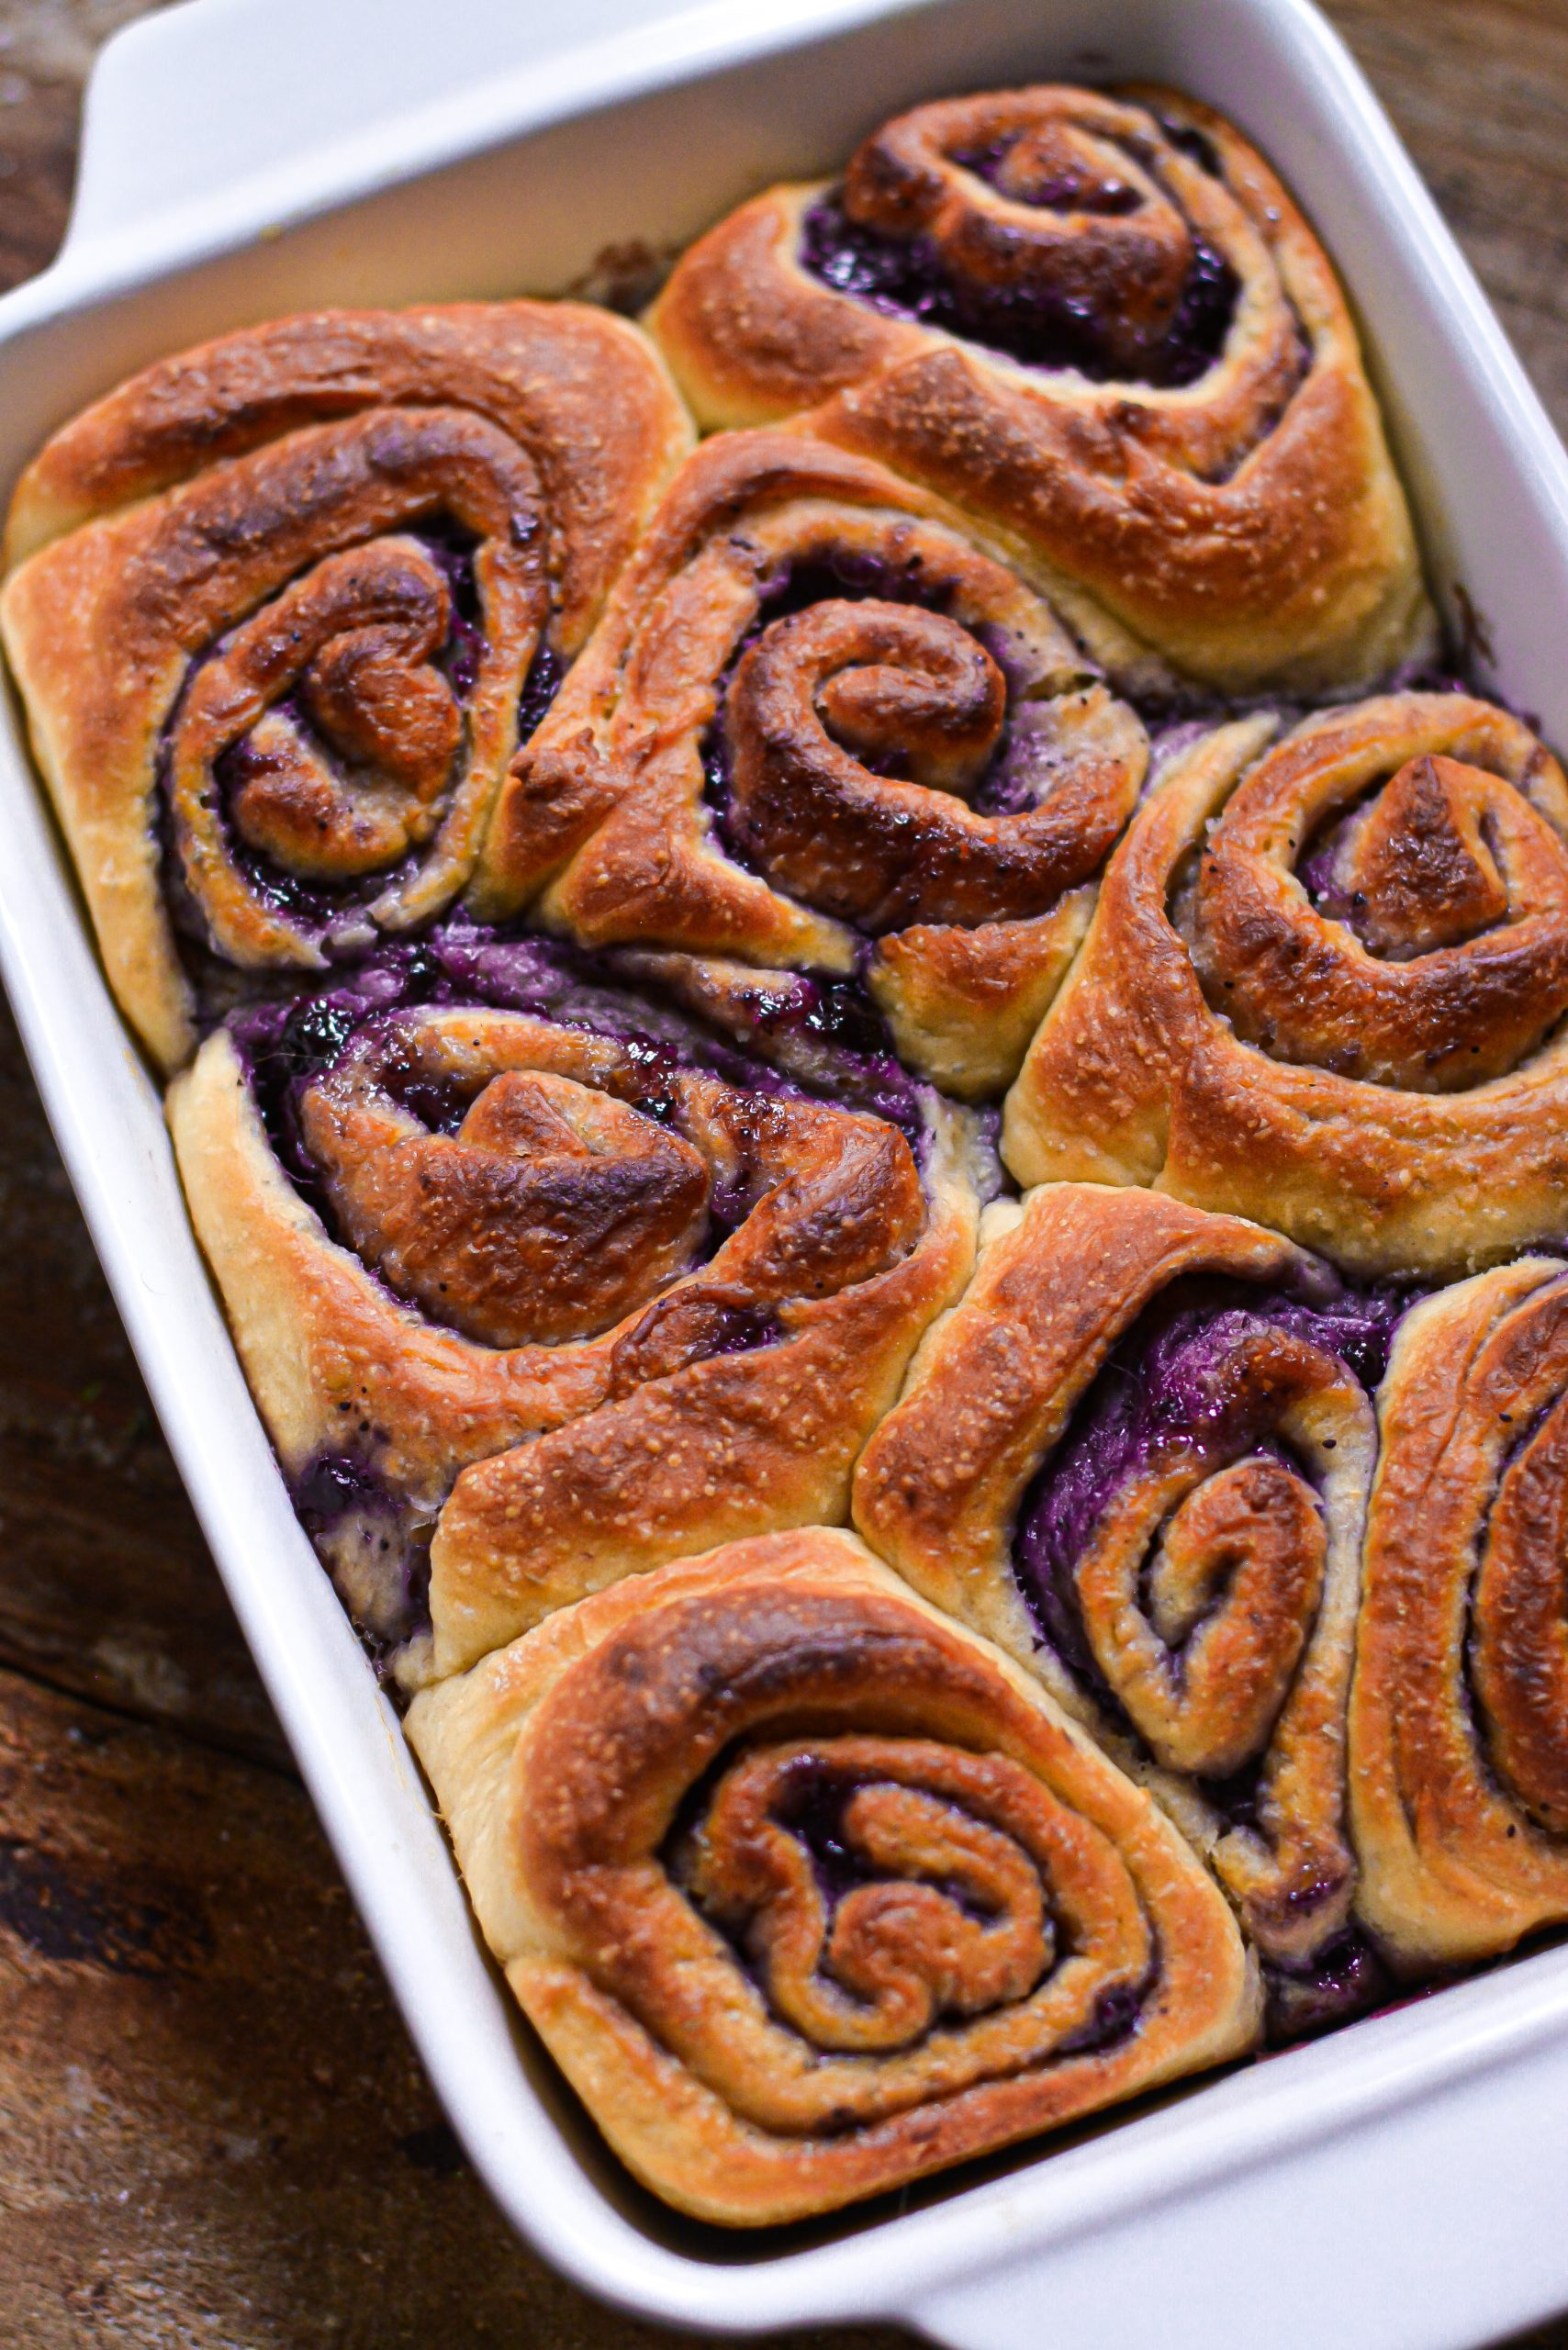 Roulés Briochés Vegan aux Myrtilles / Vegan Blueberry Brioche Rolls